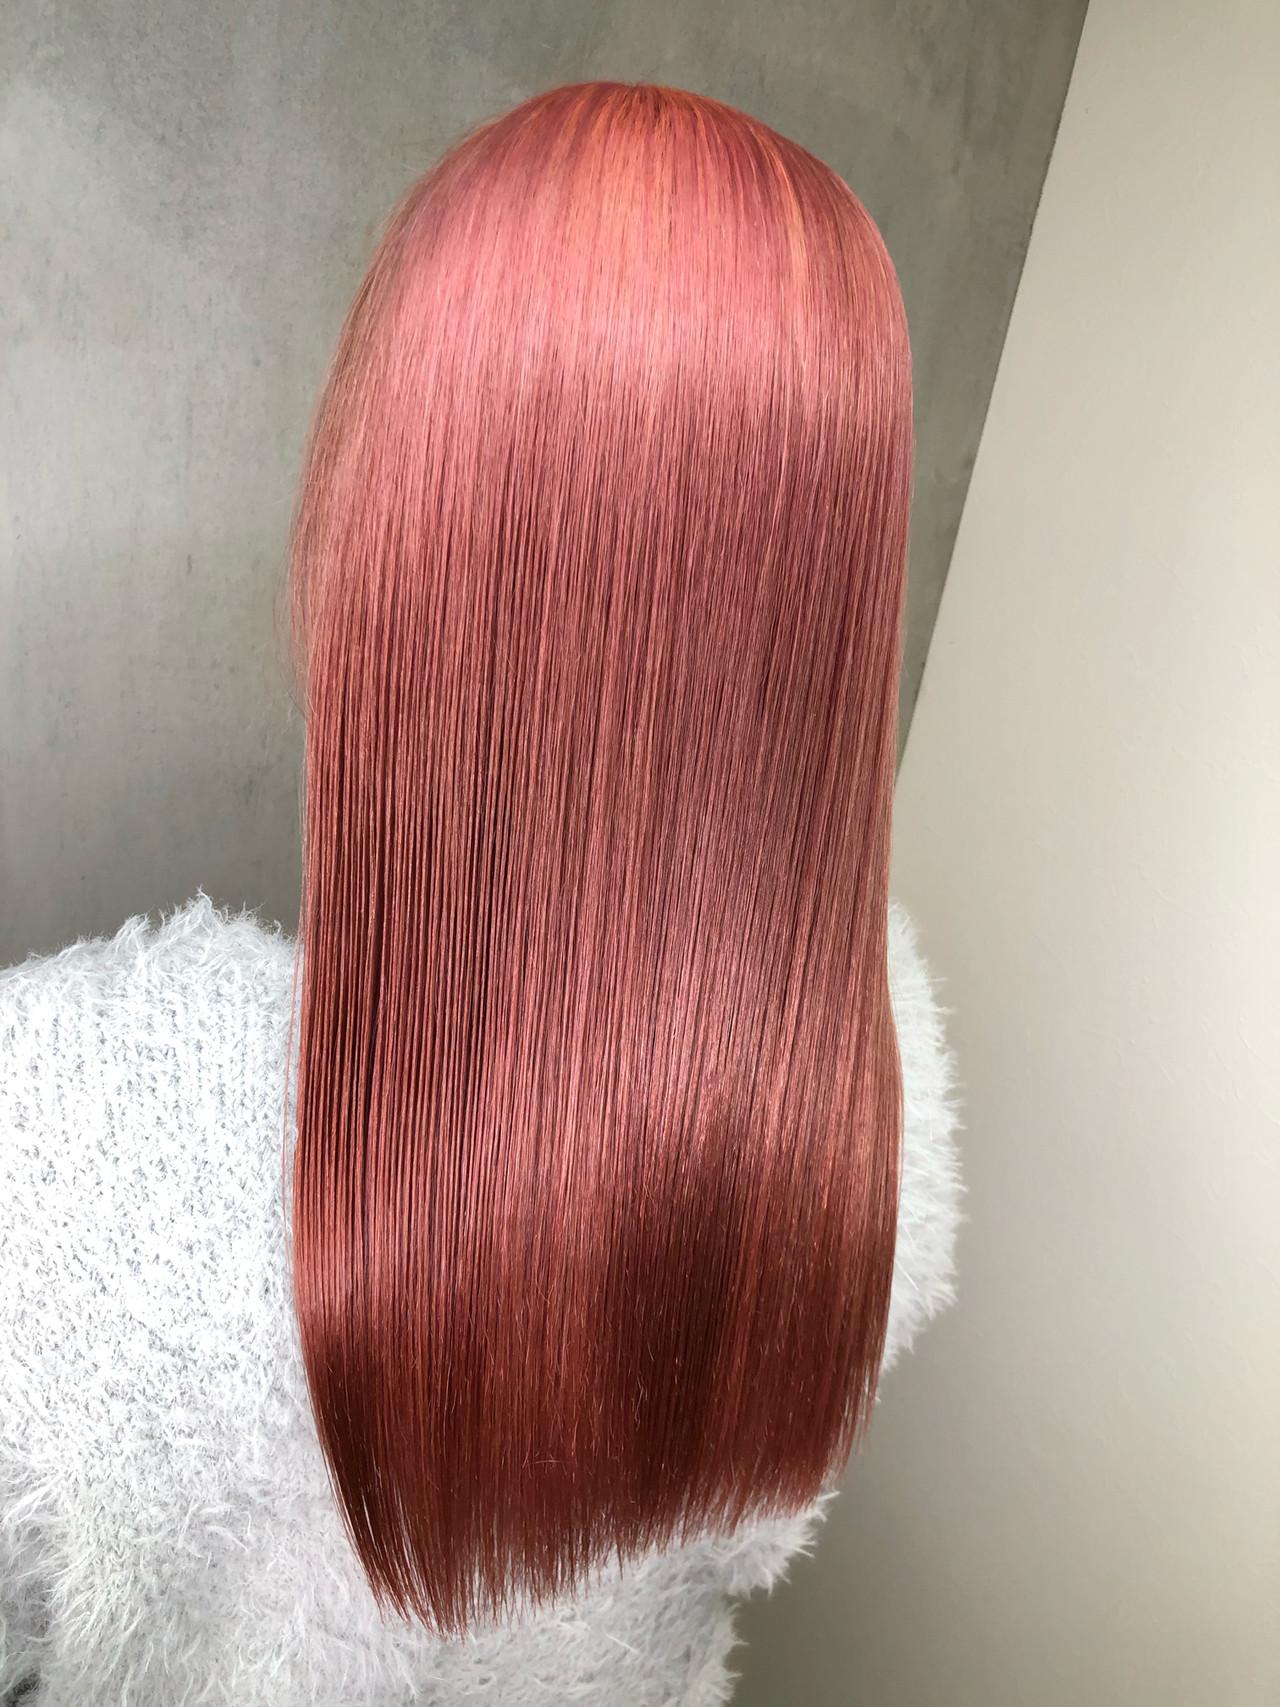 ベリーピンク セミロング ラベンダーピンク ピンクブラウン ヘアスタイルや髪型の写真・画像 | 筒井 隆由 / Hair salon mode